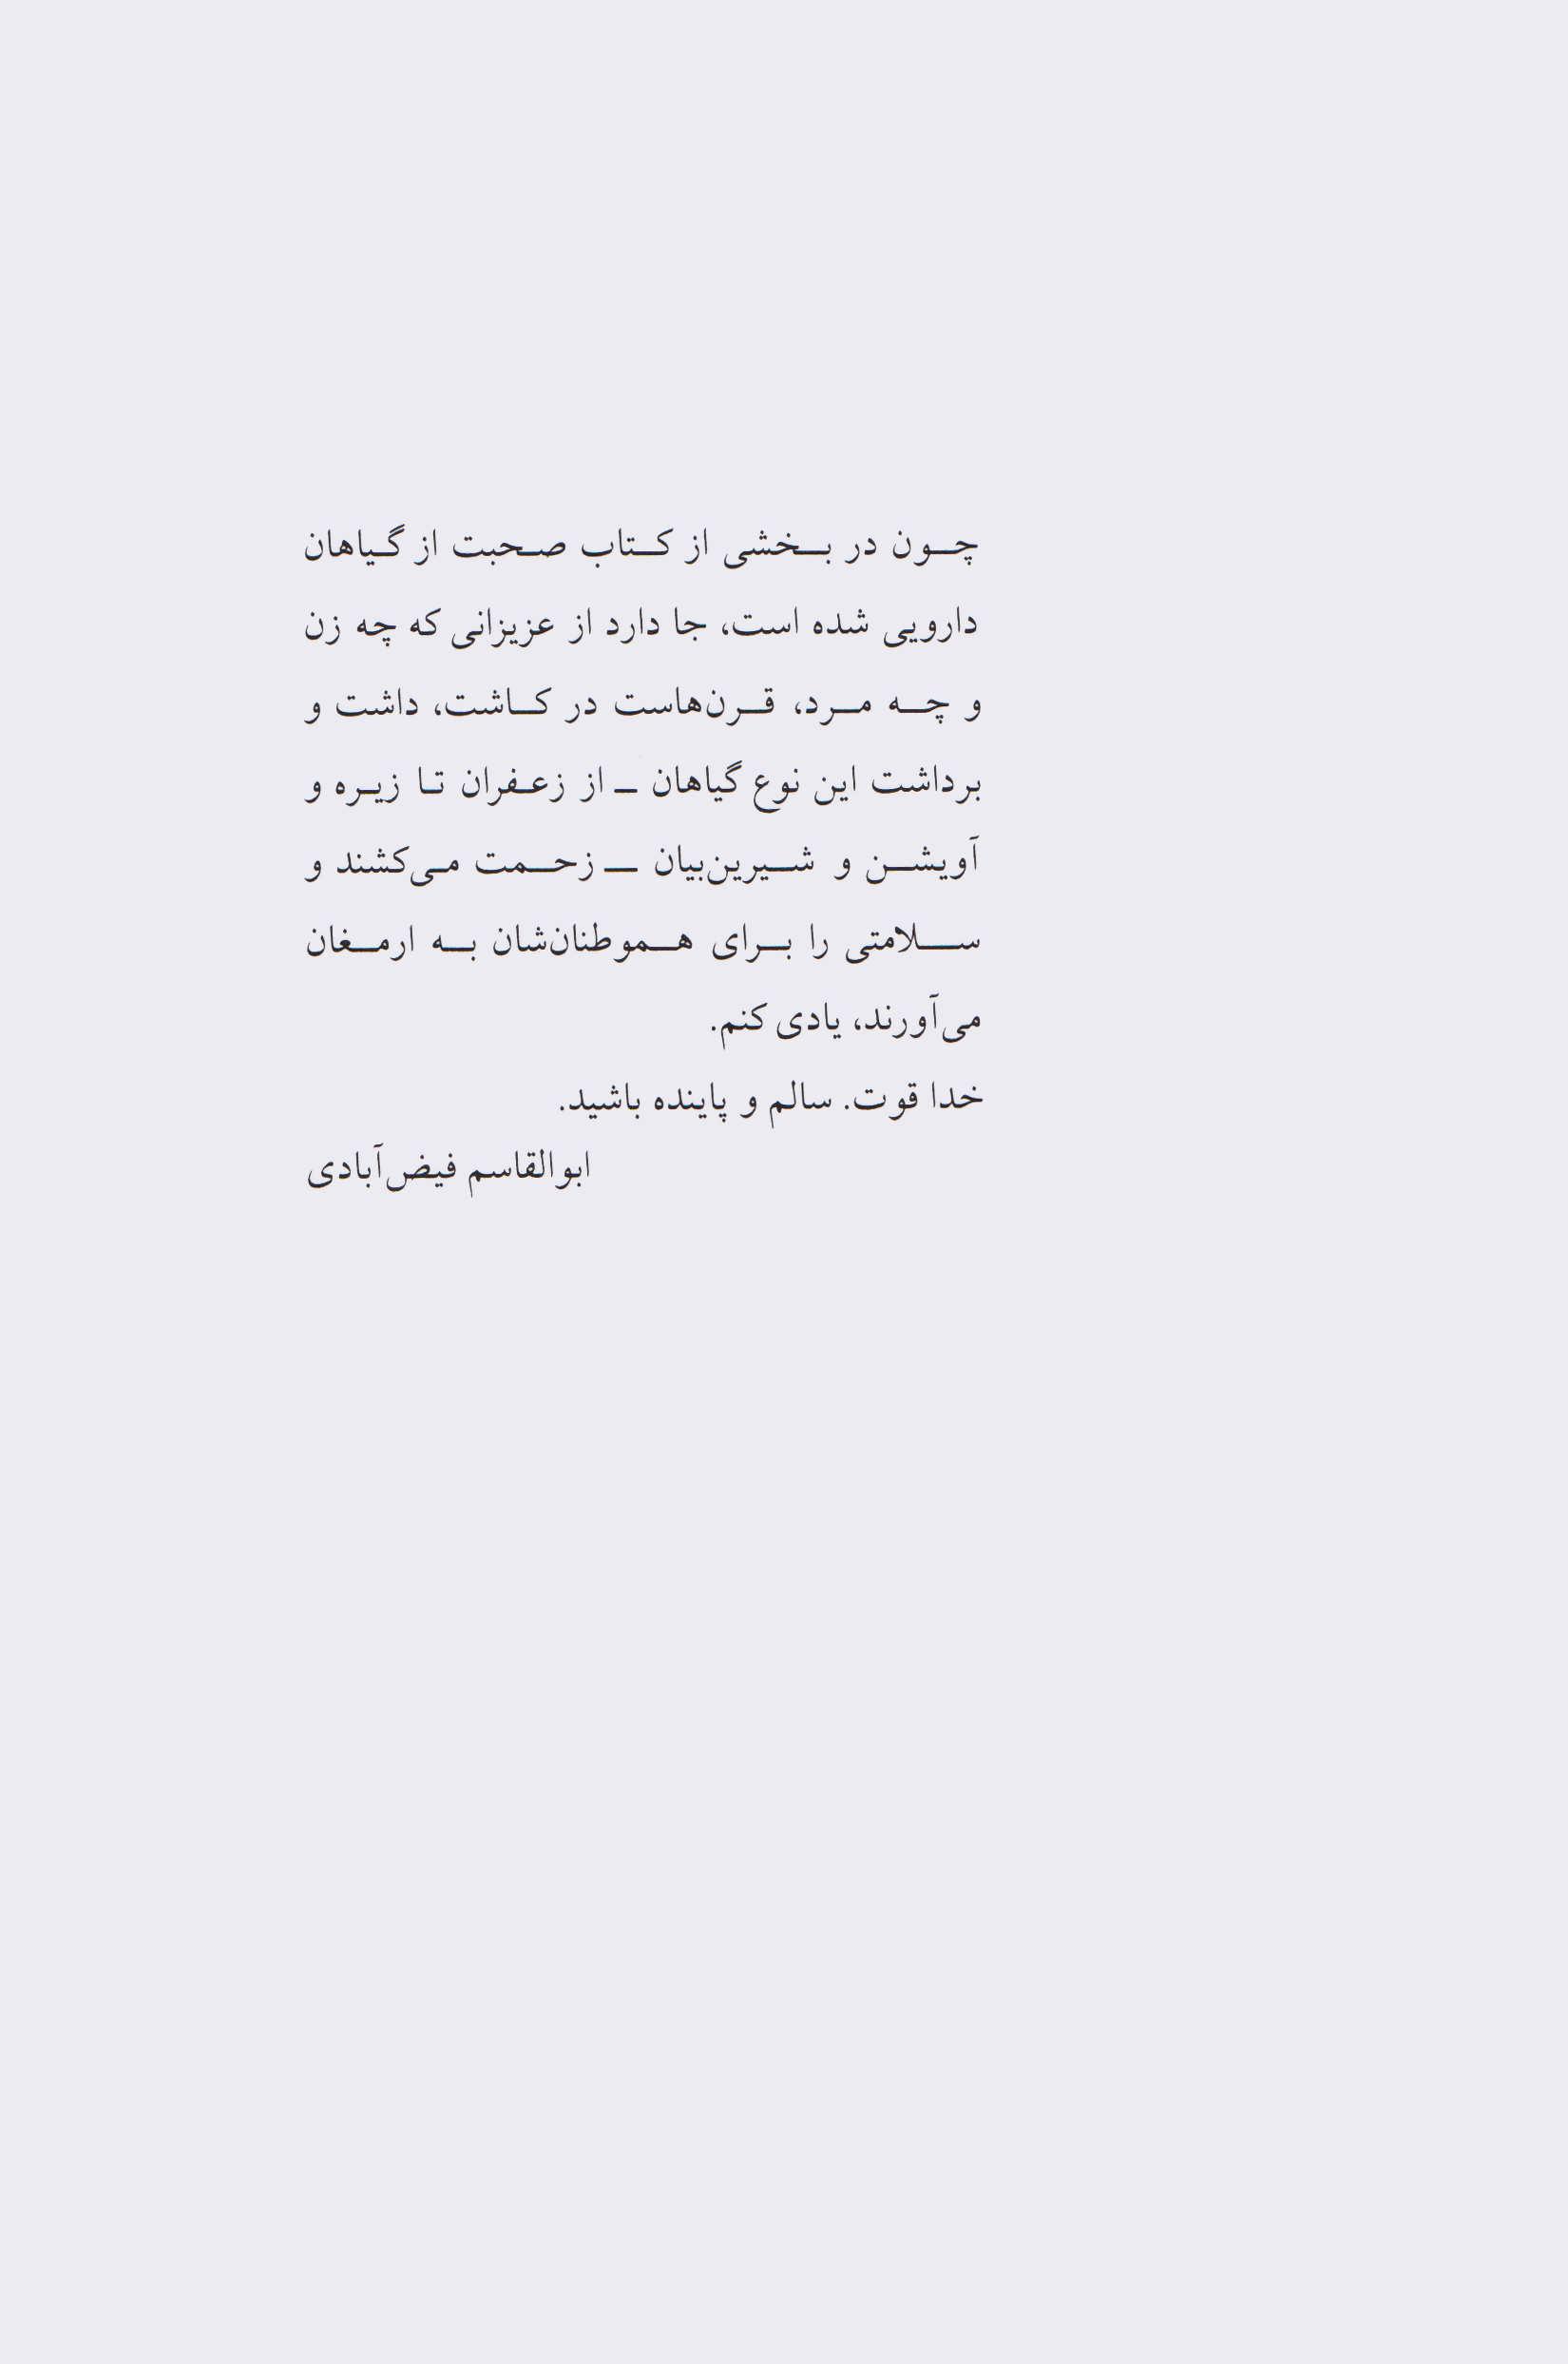 سفرهای پرماجرای داری و ناری19 (دیداری شگفت با نصیرالدین طوسی در قلعه ی الموت)